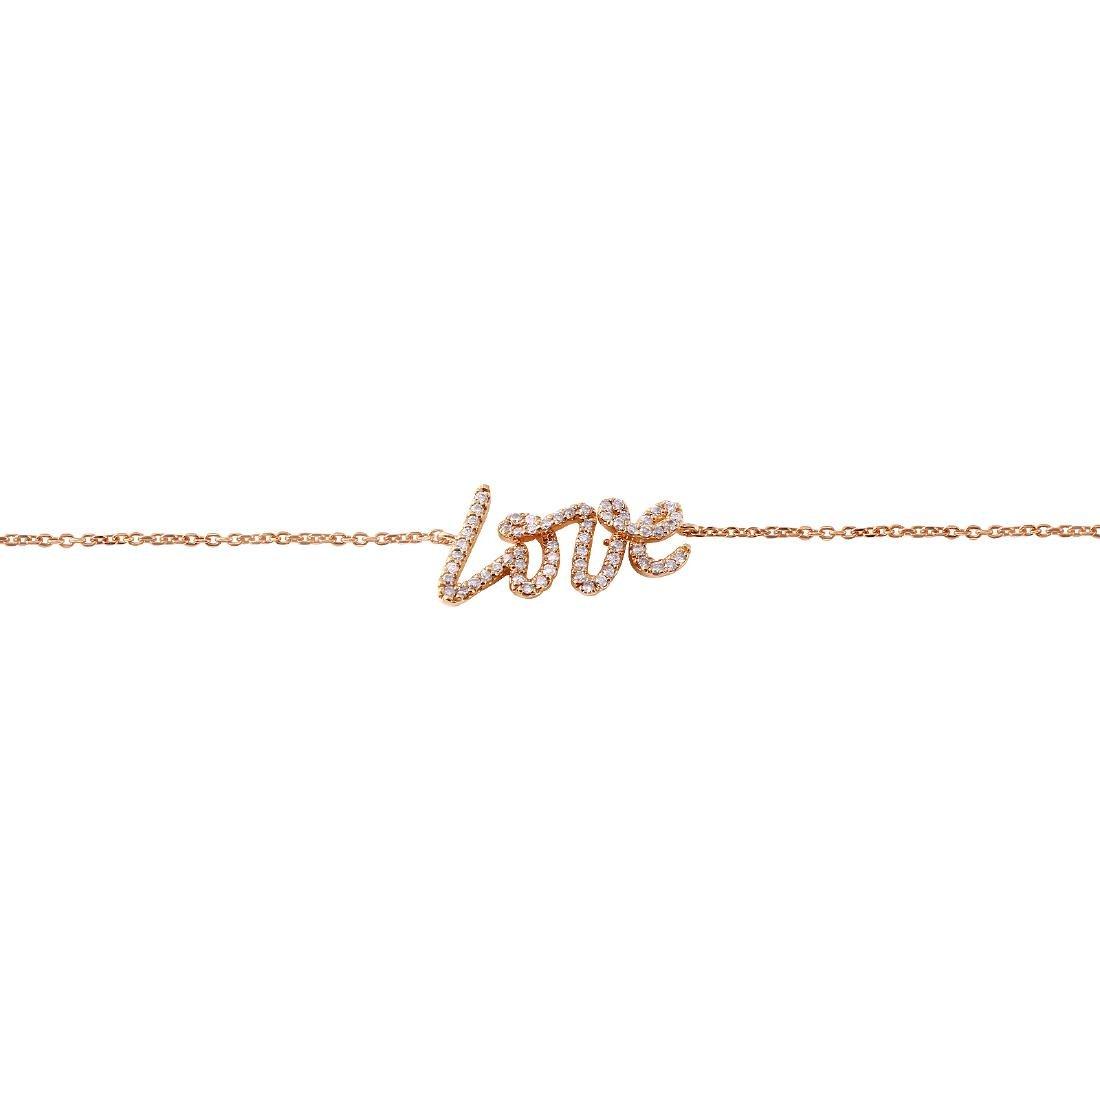 0.31 Carat Natural Diamond 18K Solid Rose Gold Bracelet - 2